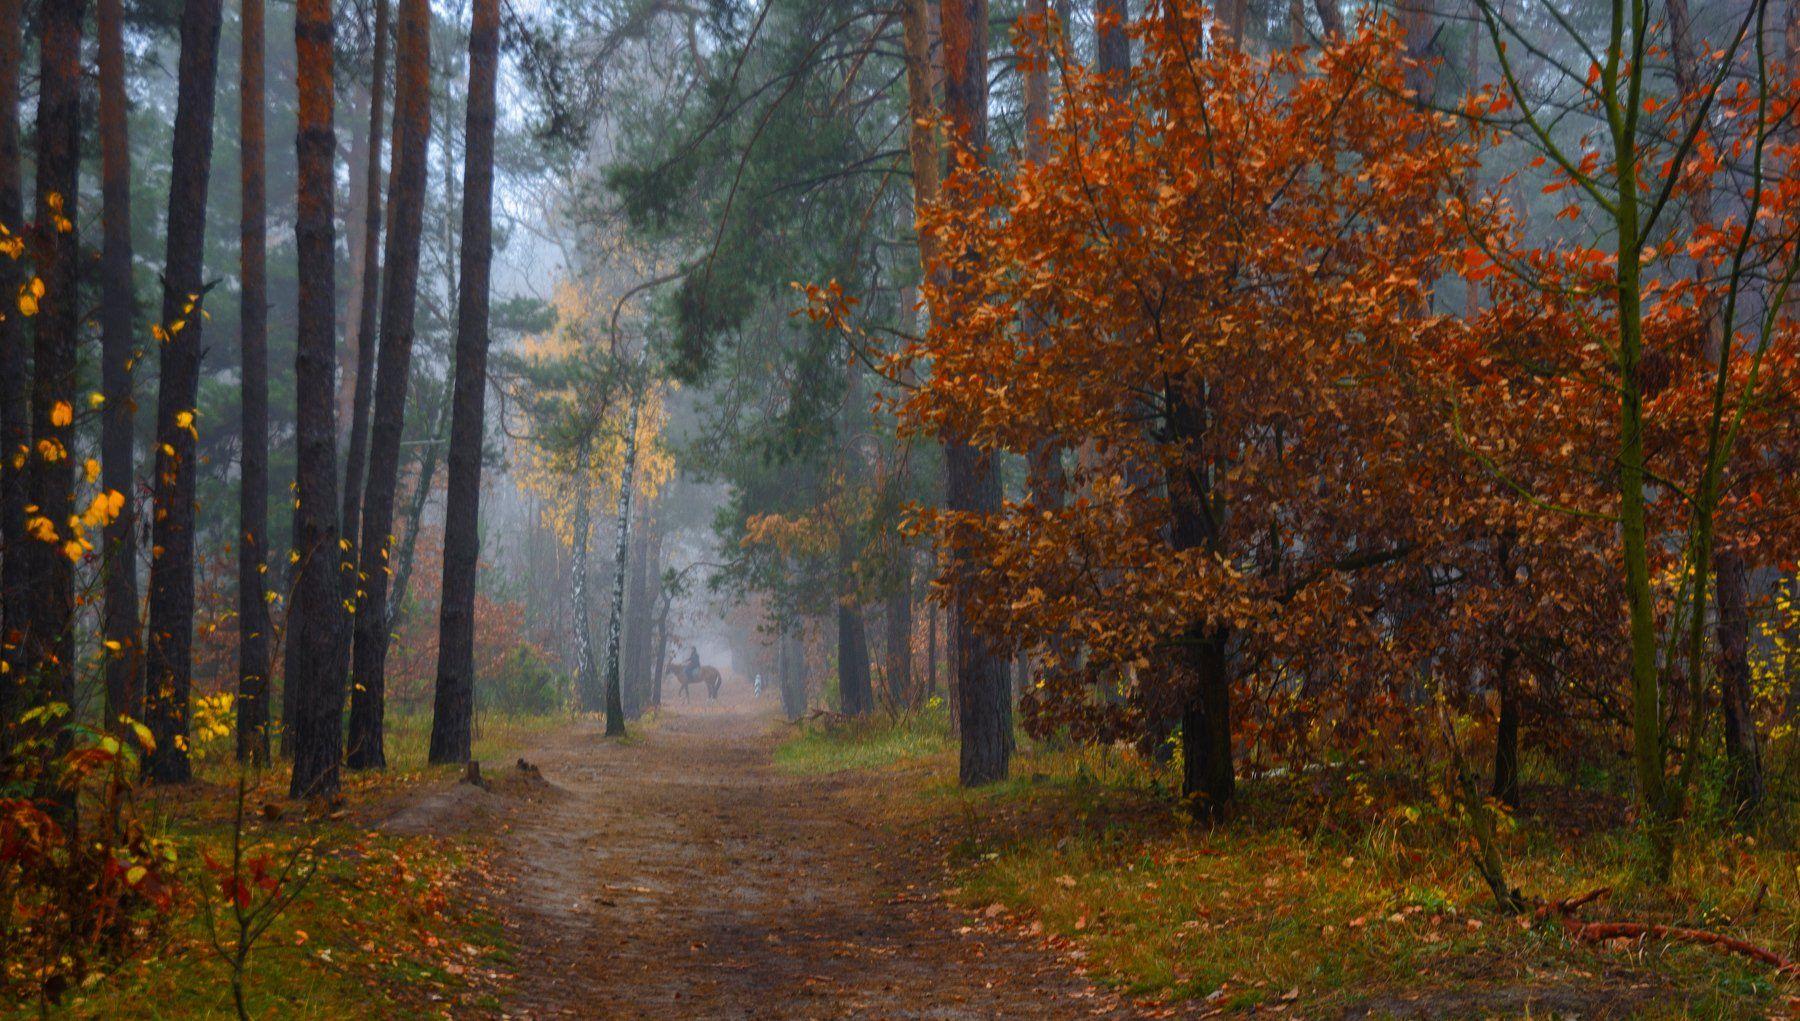 landscape, пейзаж,  лес,  деревья,  природа,    тропинка, прогулка, осень,  осенние краски, туман, дорога, всадник, лошадь,, Михаил MSH